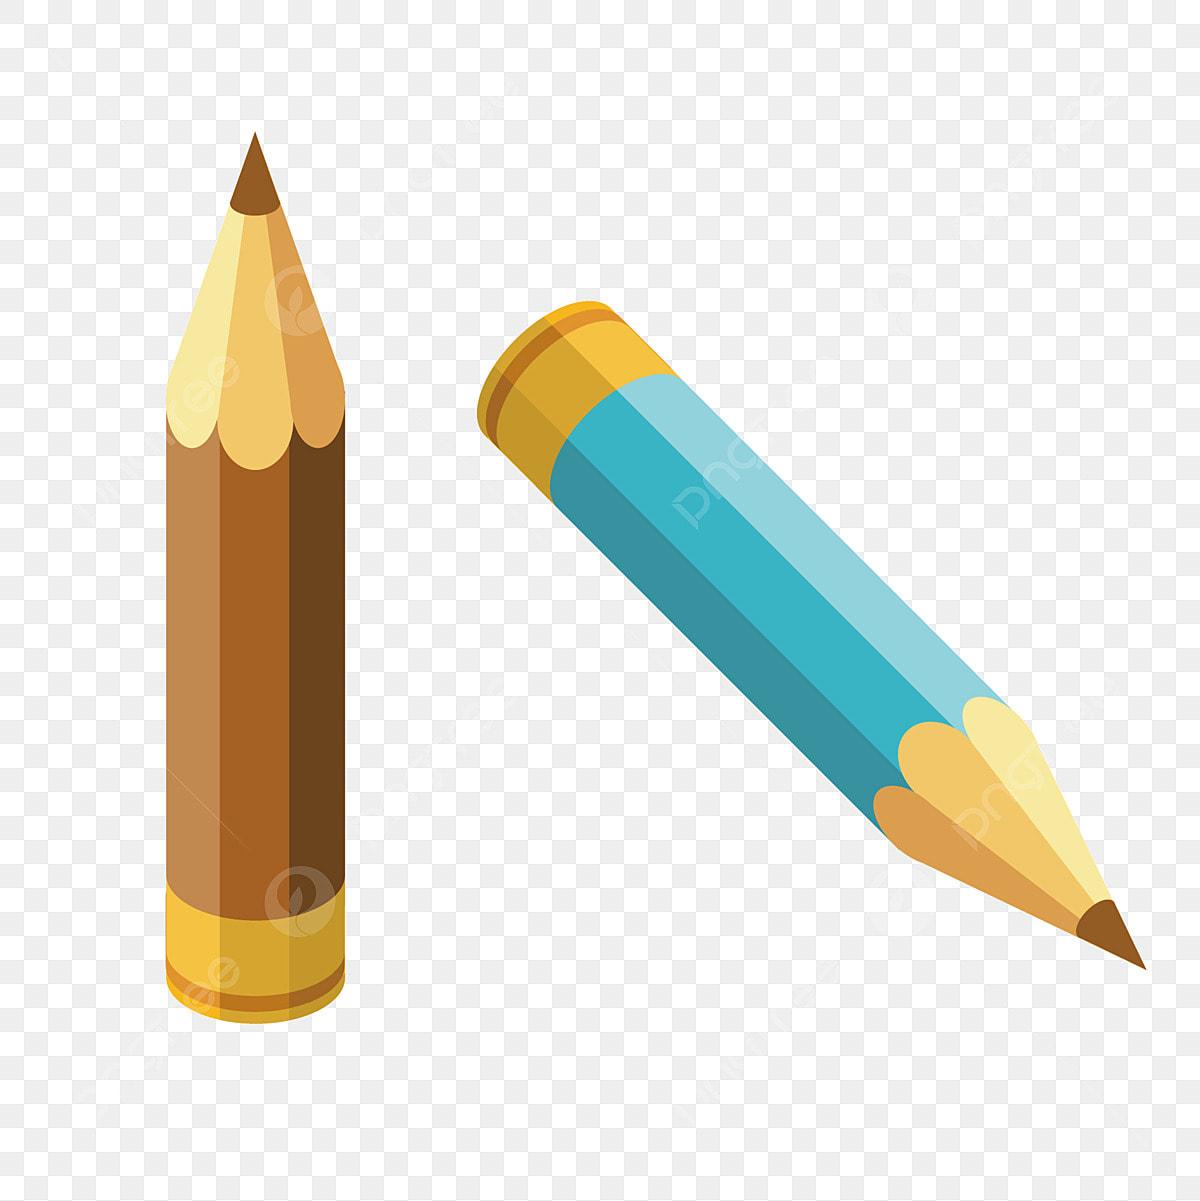 تعلم قلم القرطاسية قلمان ملونان قلم رصاص تعليمي رسم قلم رصاص كارتون تعلم القرطاسية أقلام رصاص ملونة قلم القرطاسية التعليمية Png والمتجهات للتحميل مجانا